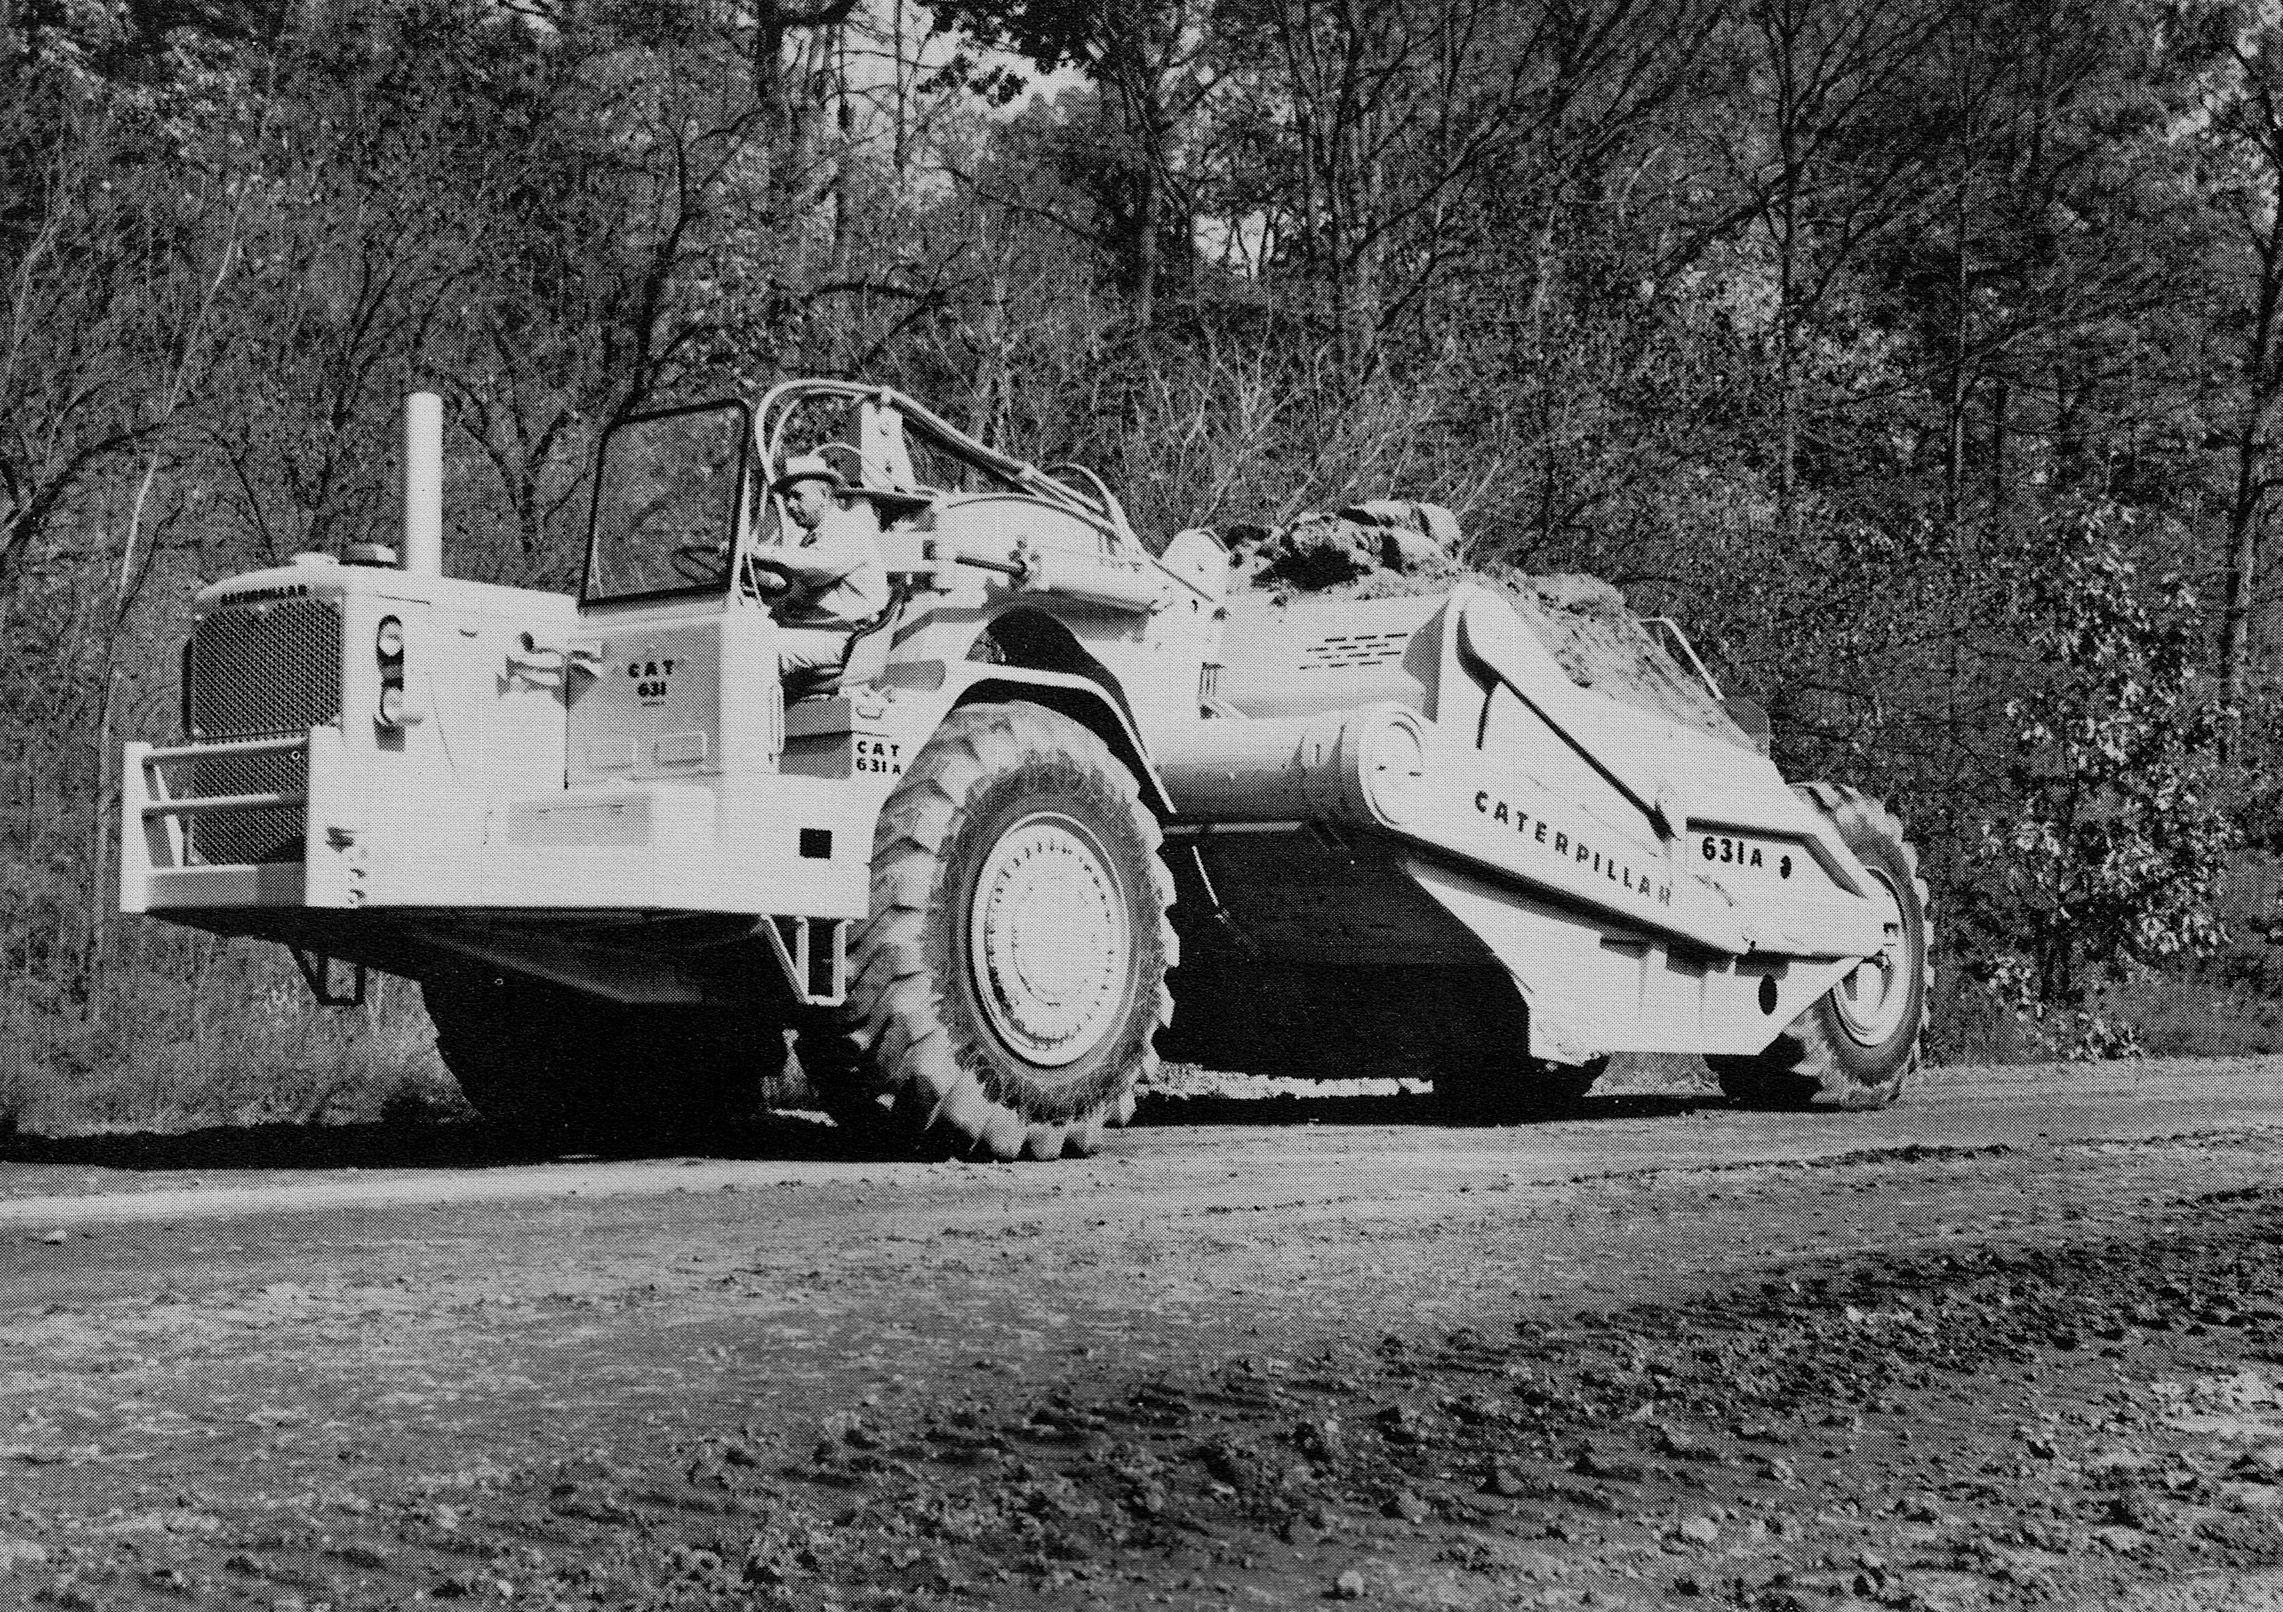 Classic machines The Caterpillar 631A scraper Pre